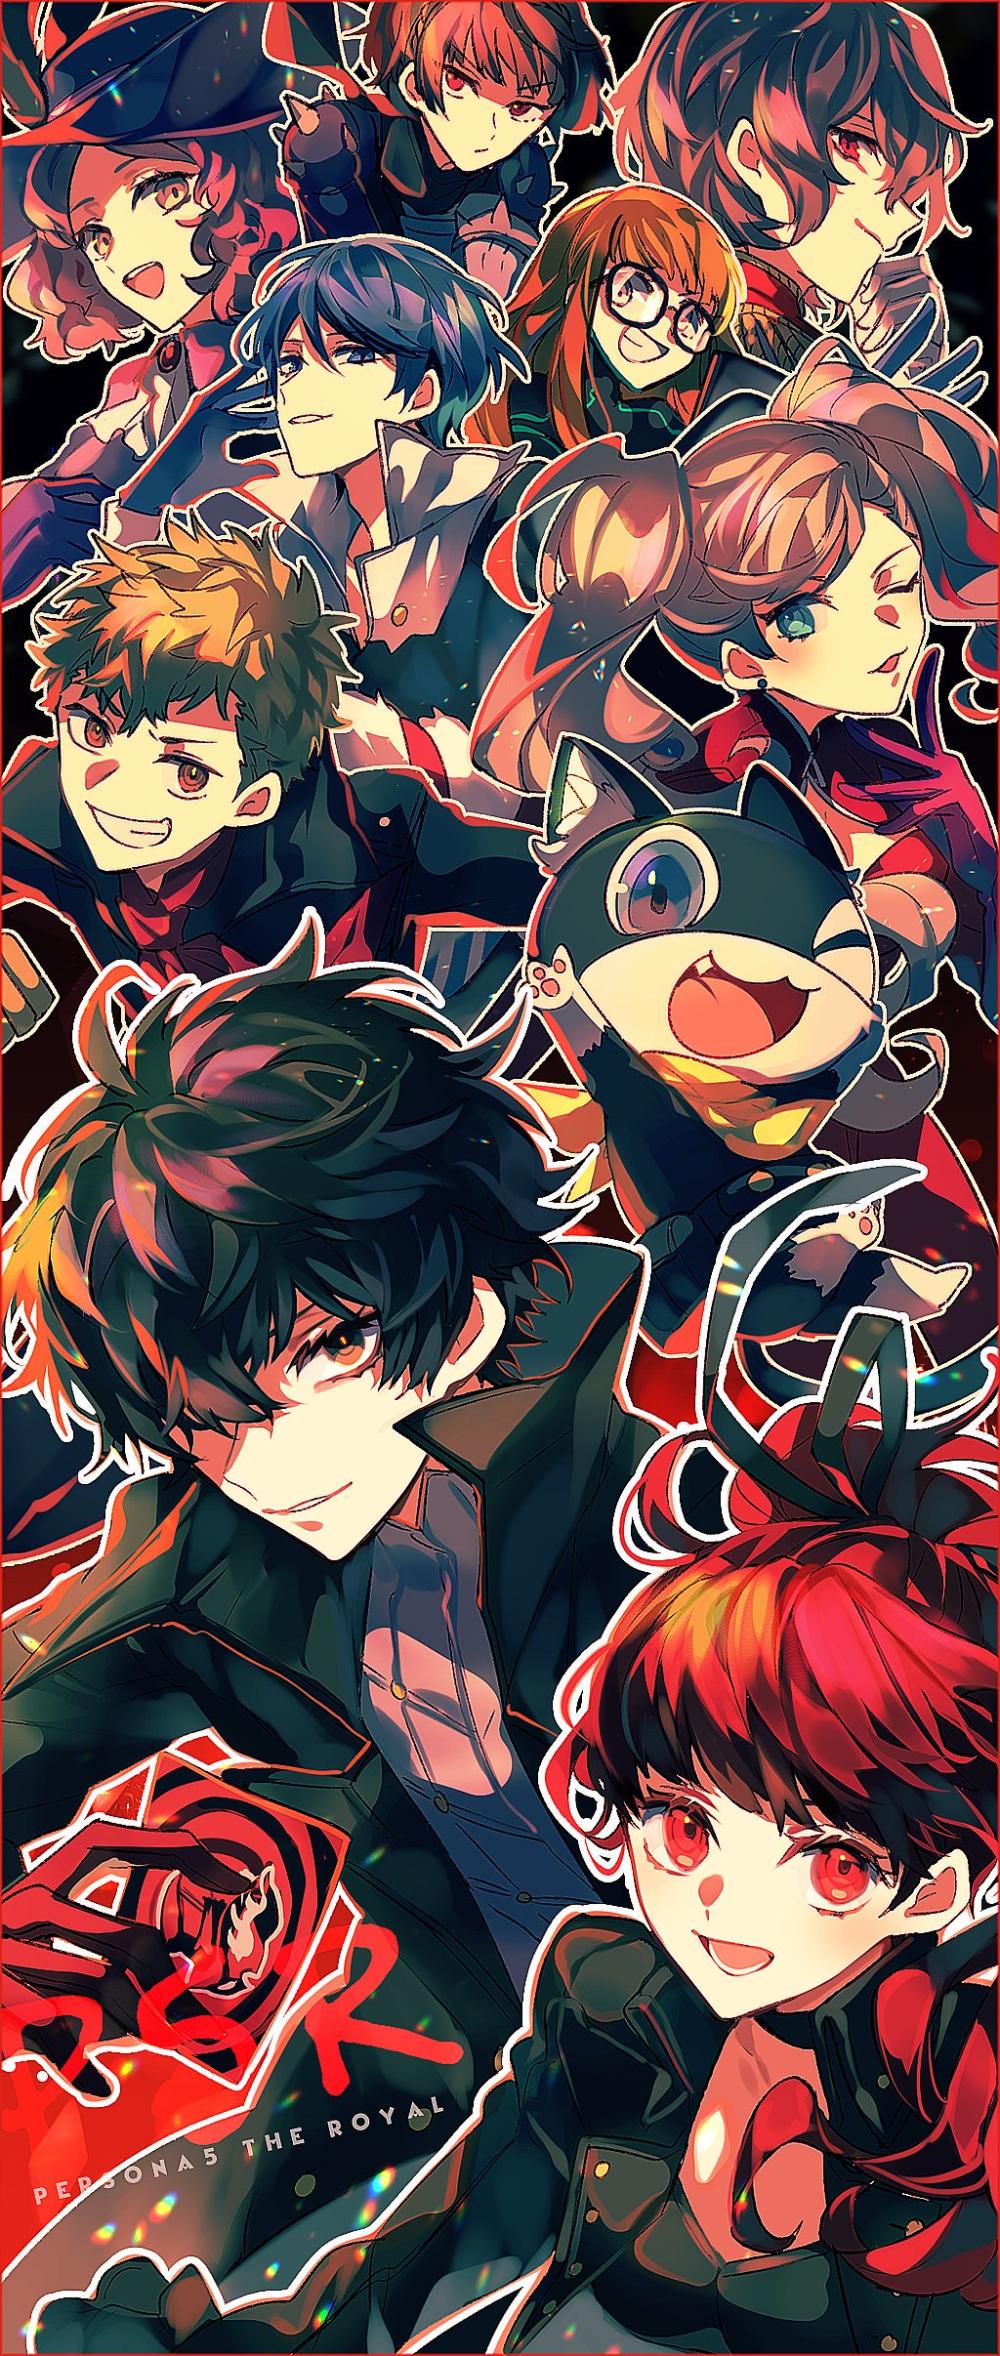 いず地 on Anime, Persona 5, Twitter